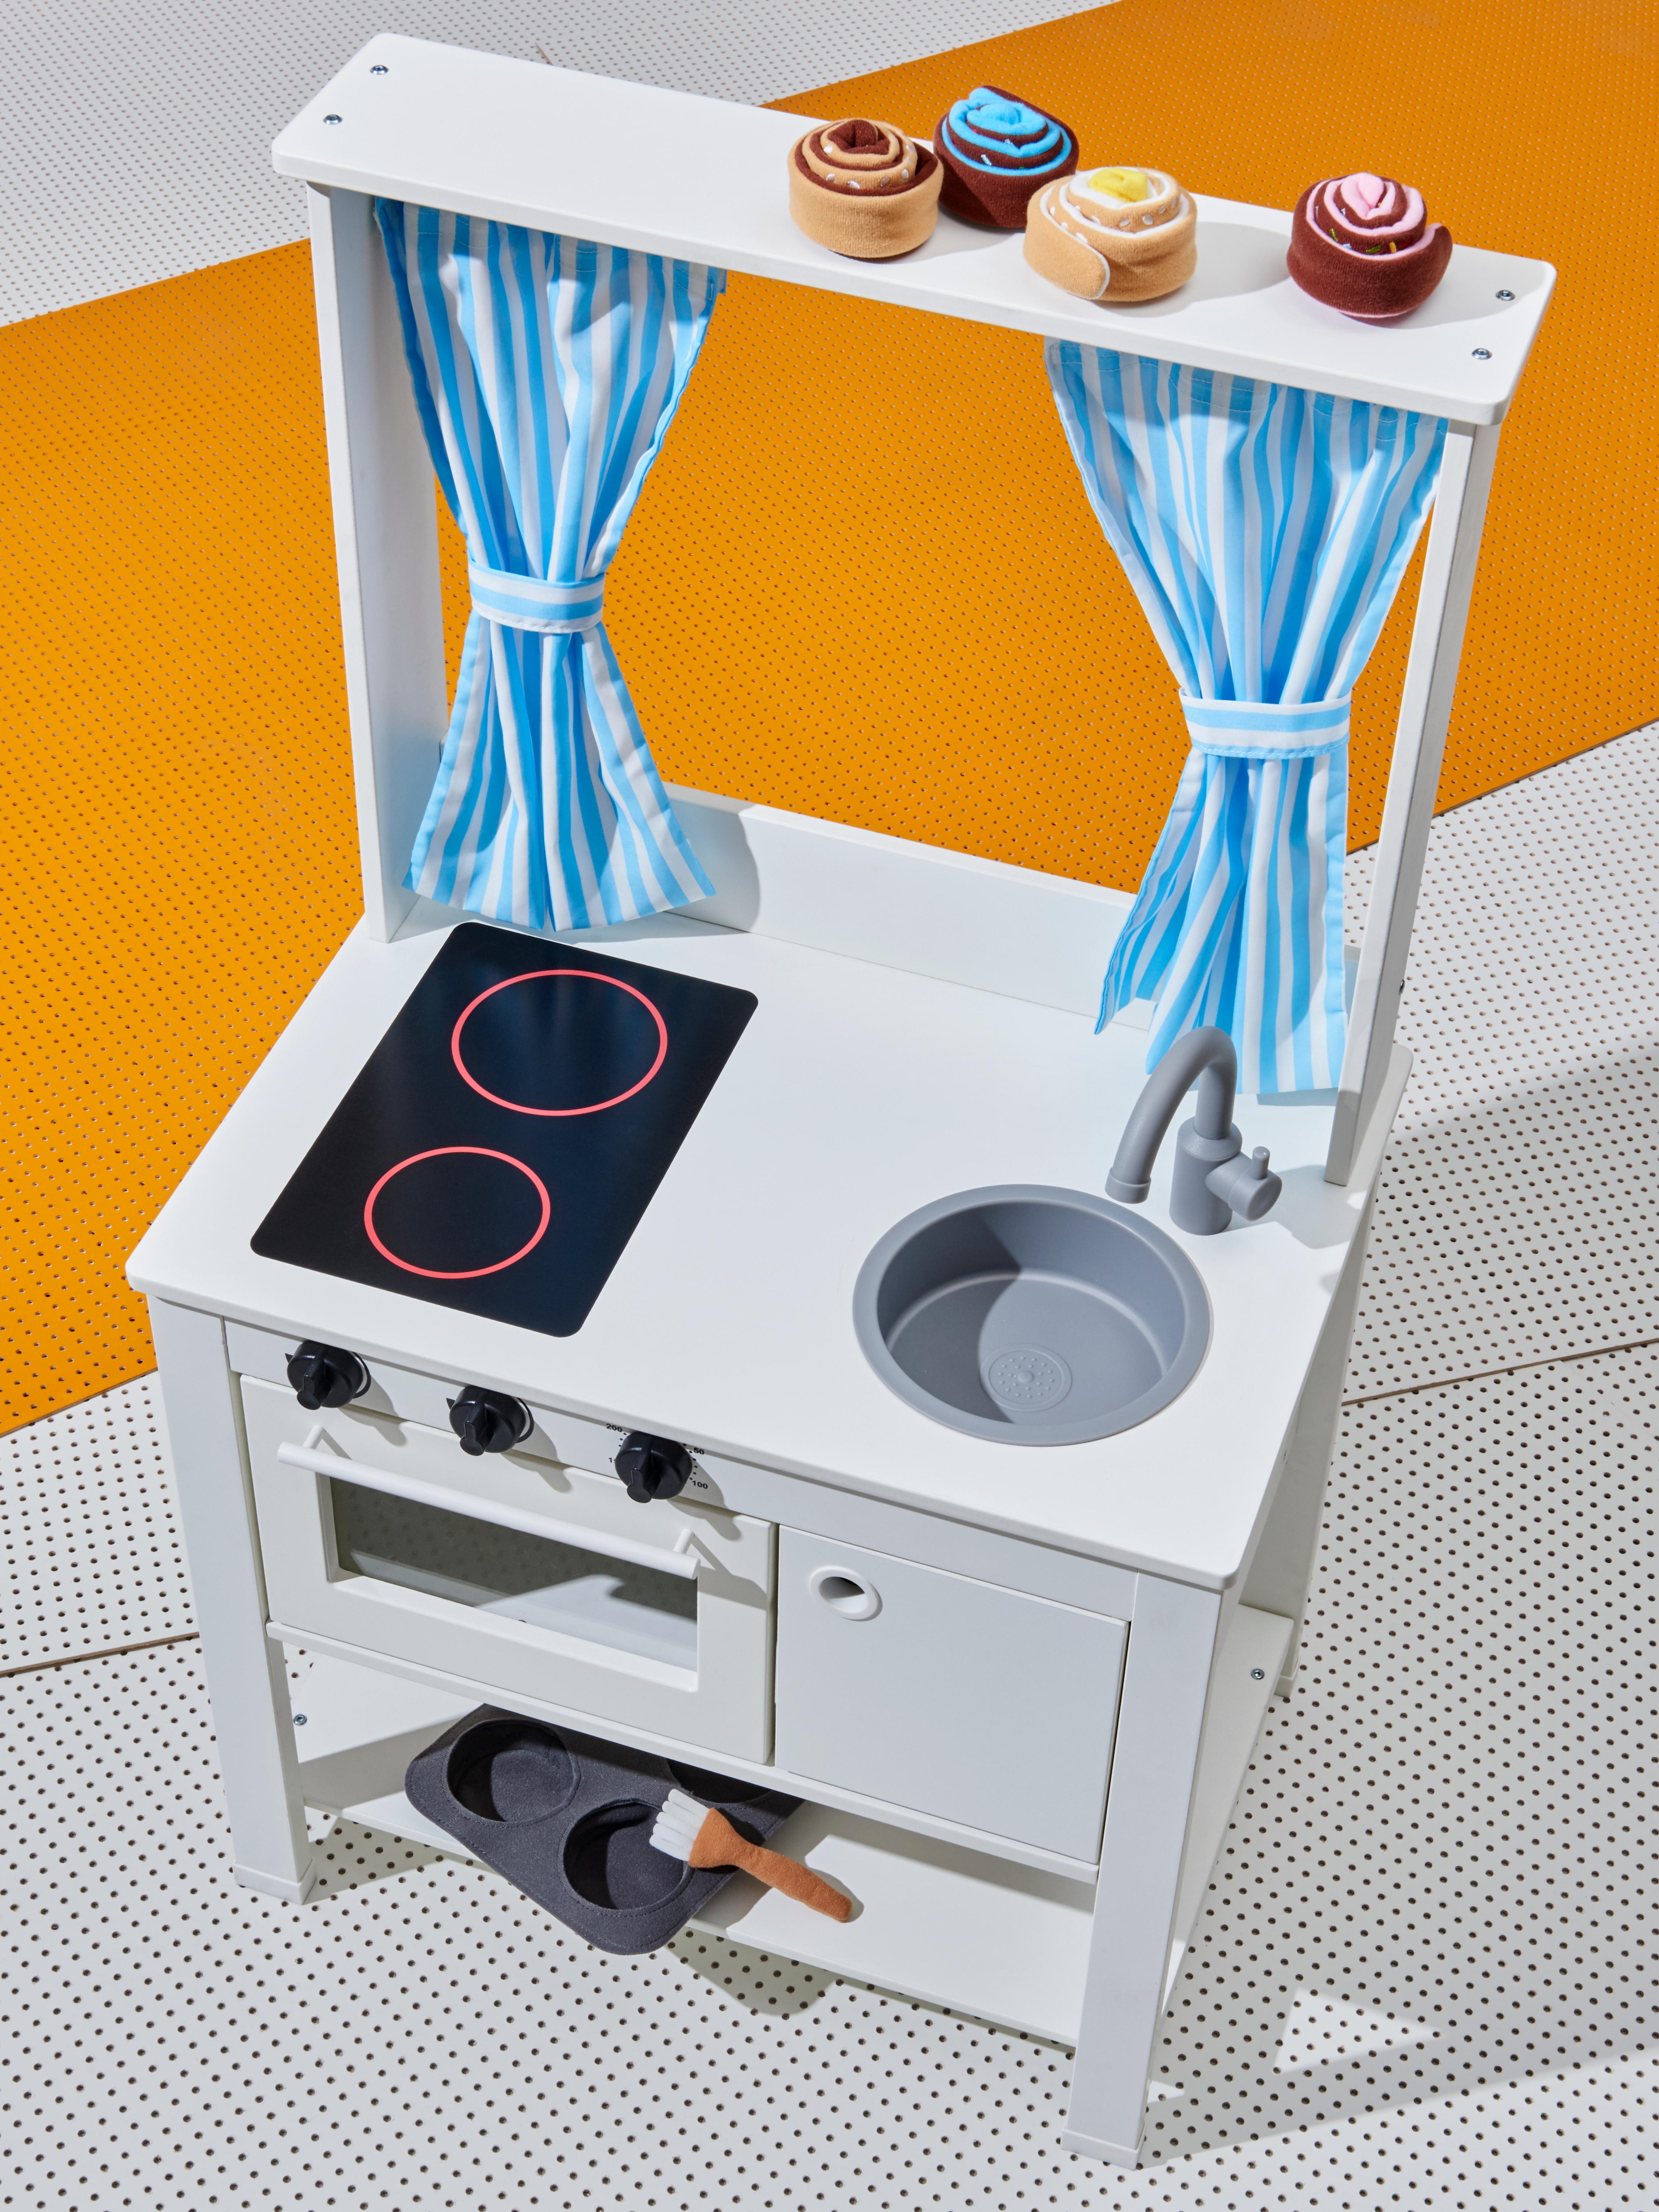 Cucina gioco bianca con piano cottura a induzione, lavello e tende a righe.